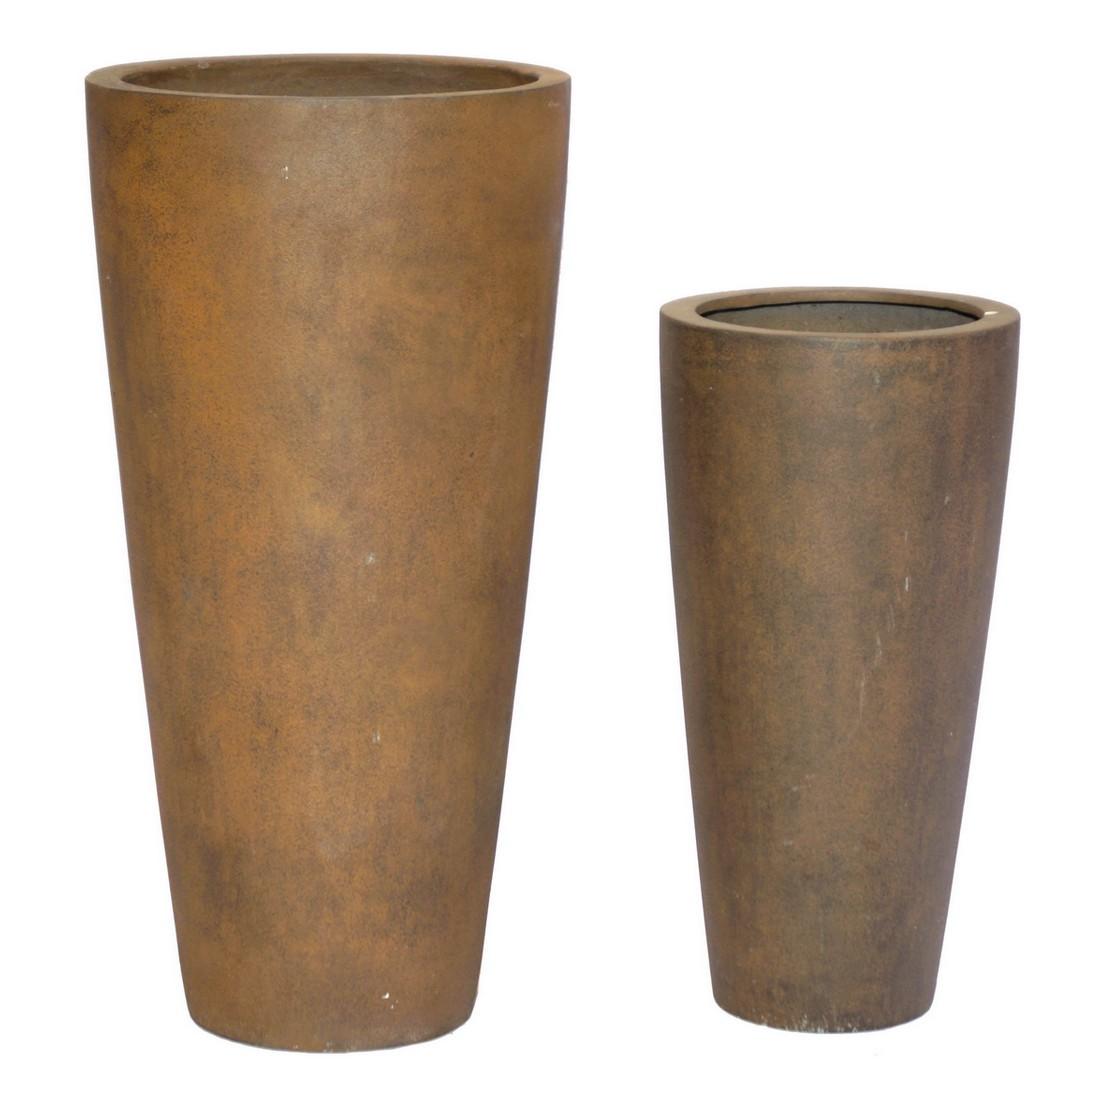 Pflanzkübel Rusty Iron – Kunststoff – Classic Rund – Höhe: 80 cm Ø: 40 cm (einzeln), Viducci's Garden günstig bestellen